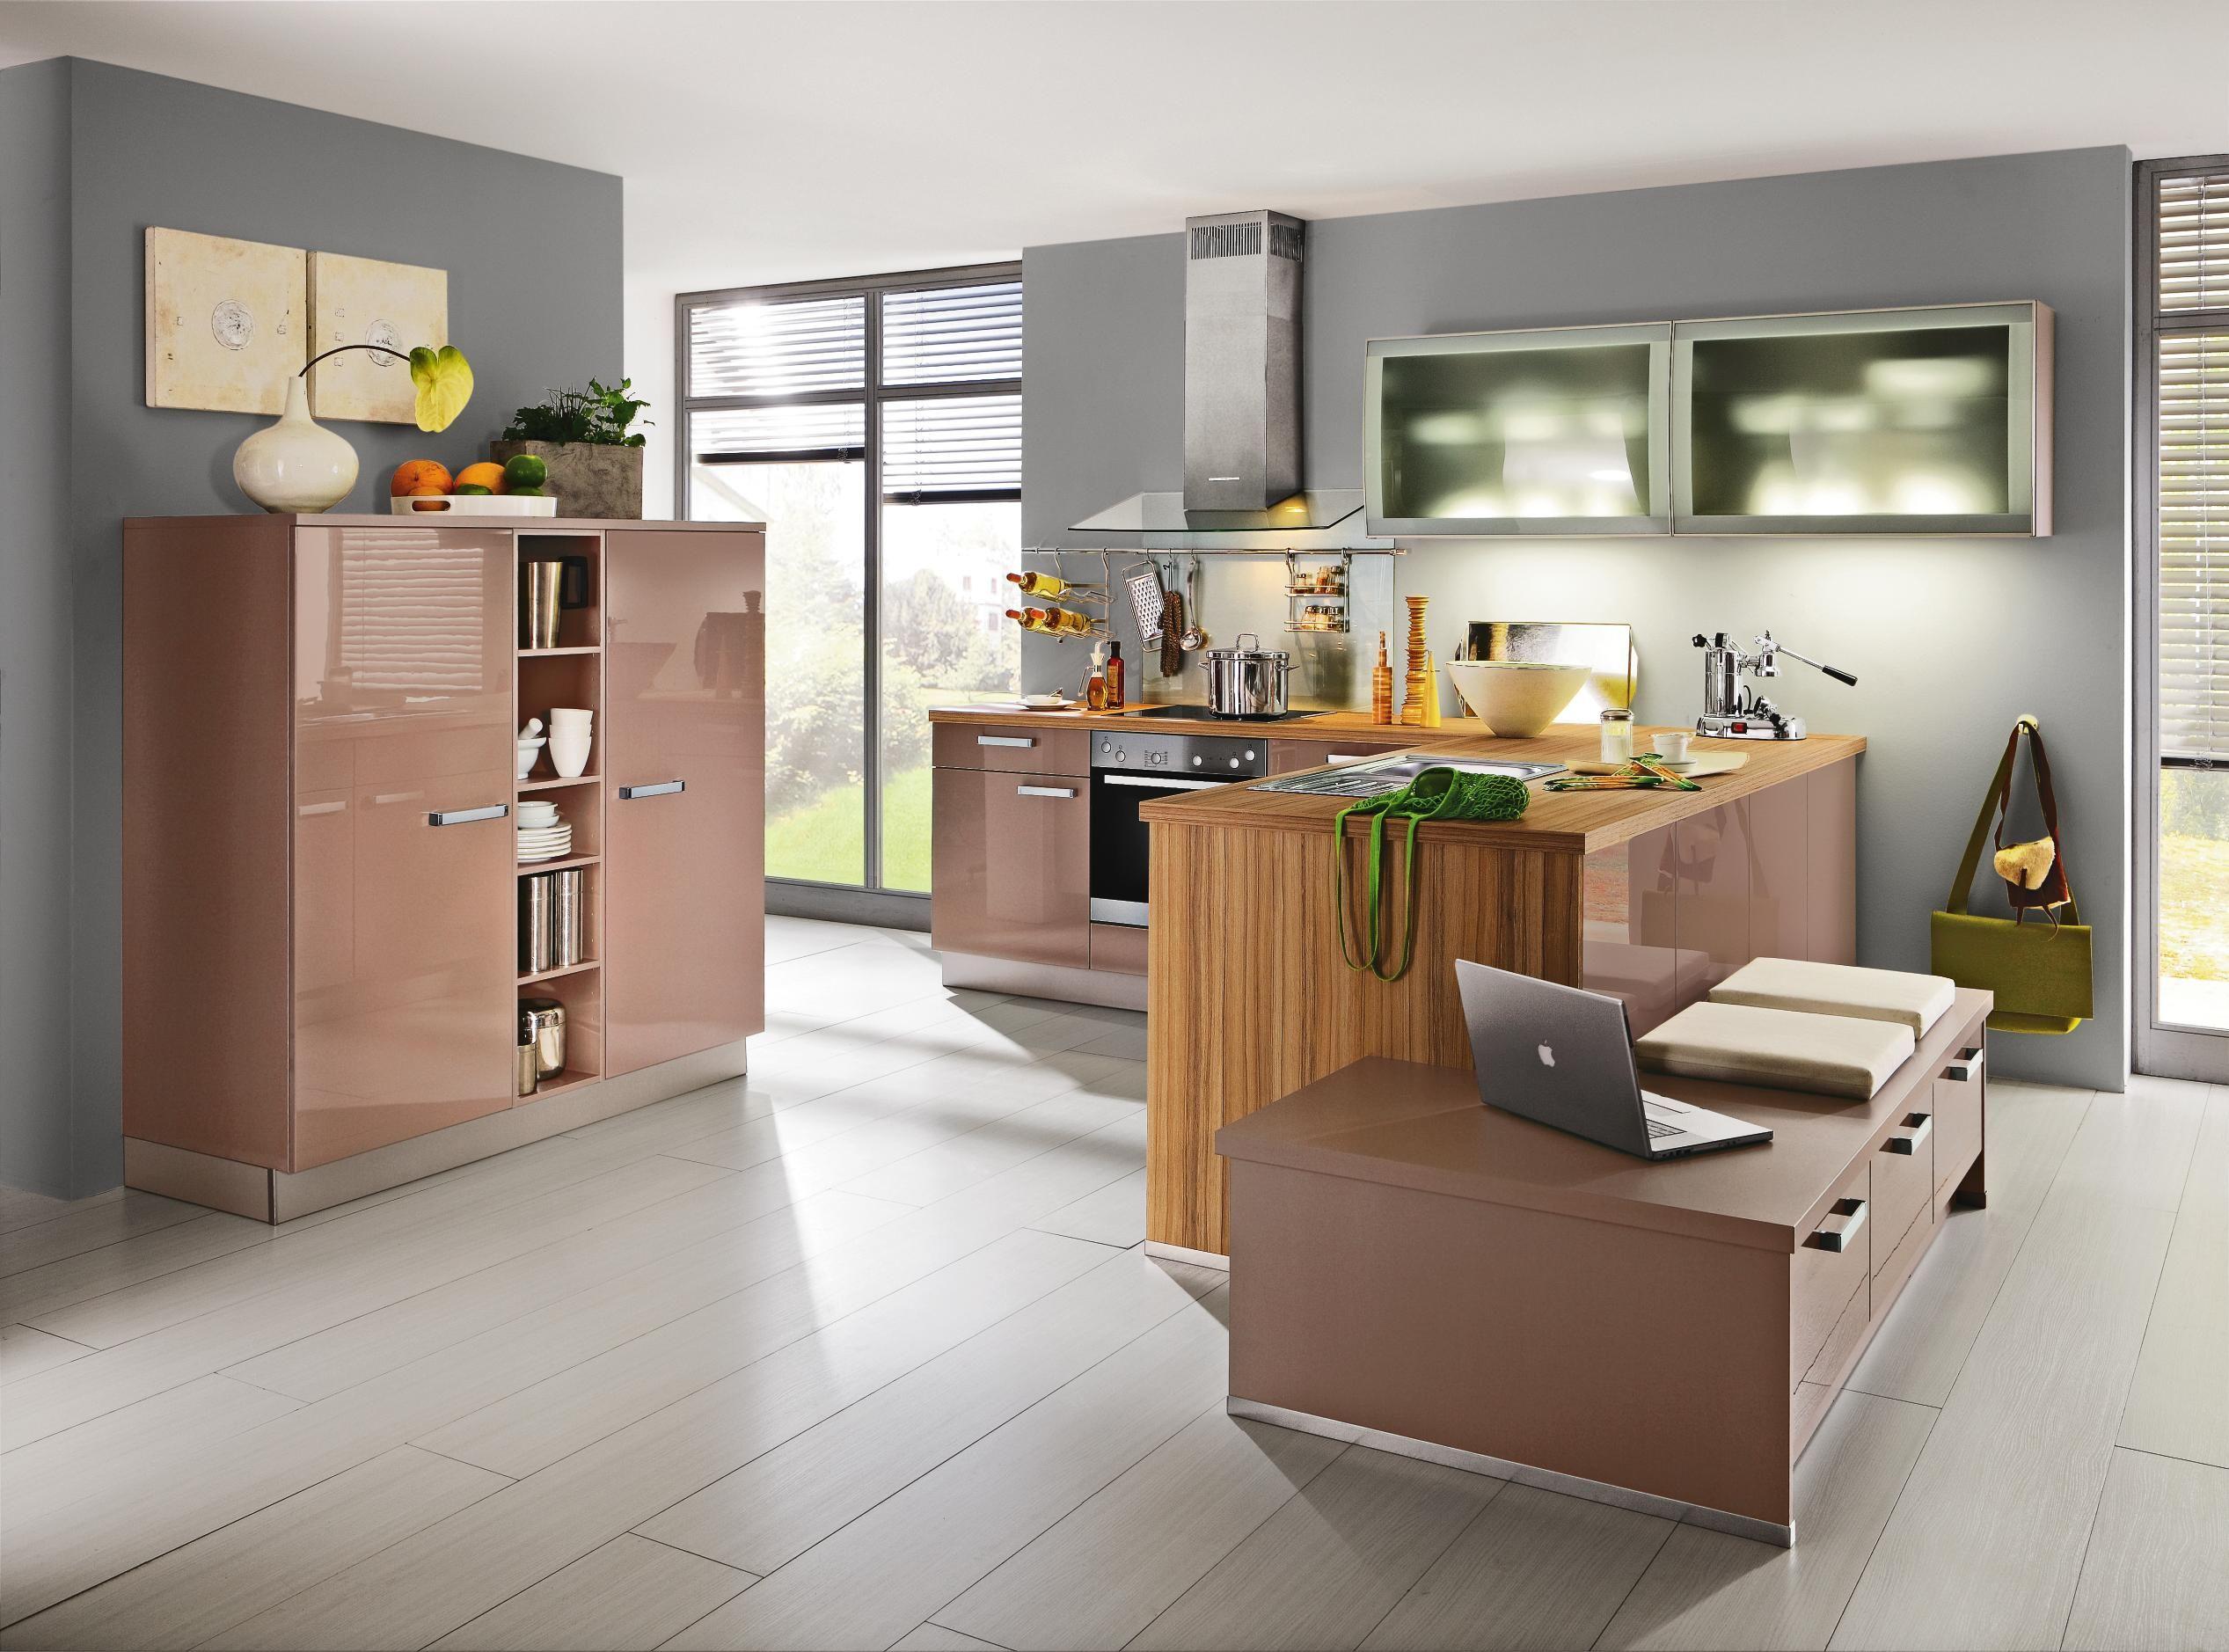 Groß Küche Und Esszimmer Combo Houzz Bilder - Ideen Für Die Küche ...